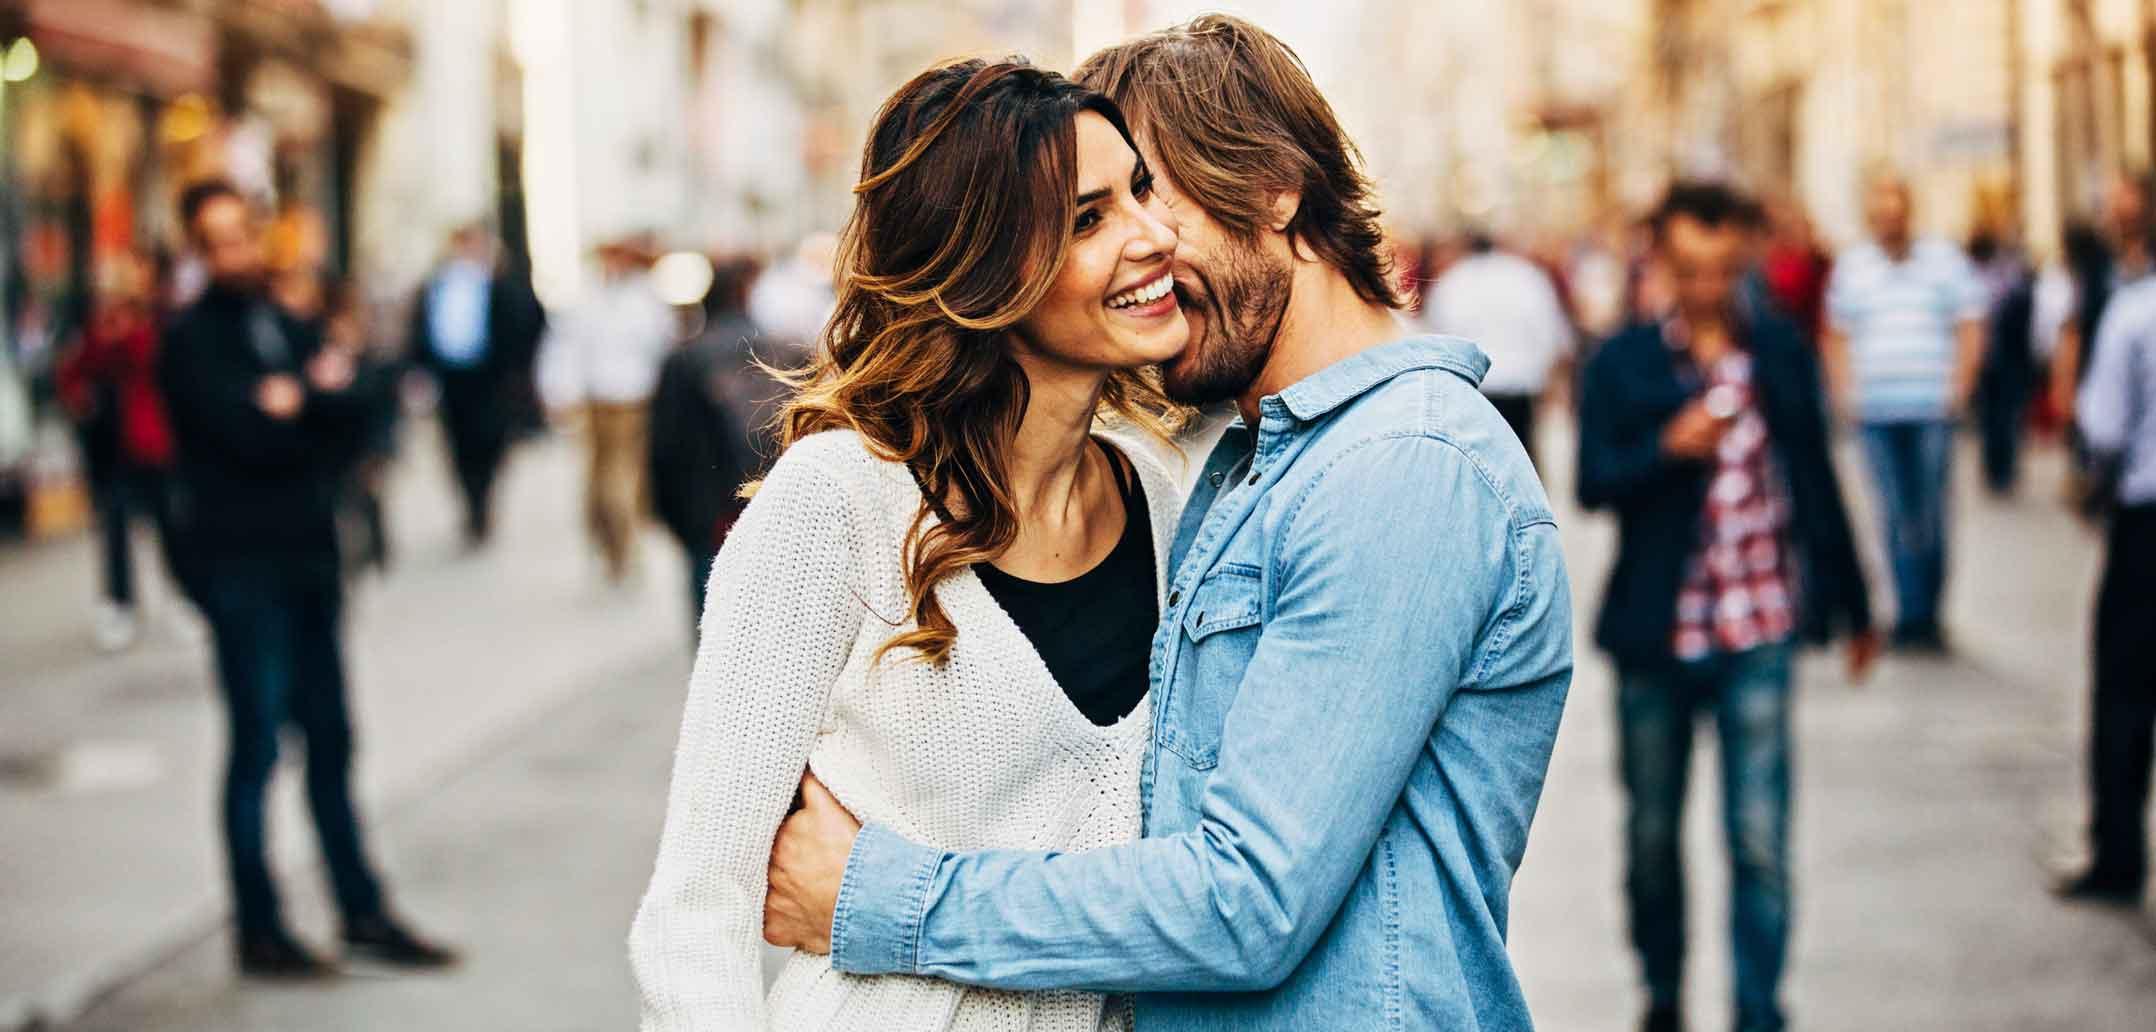 Liebe ist nicht nur ein Versprechen